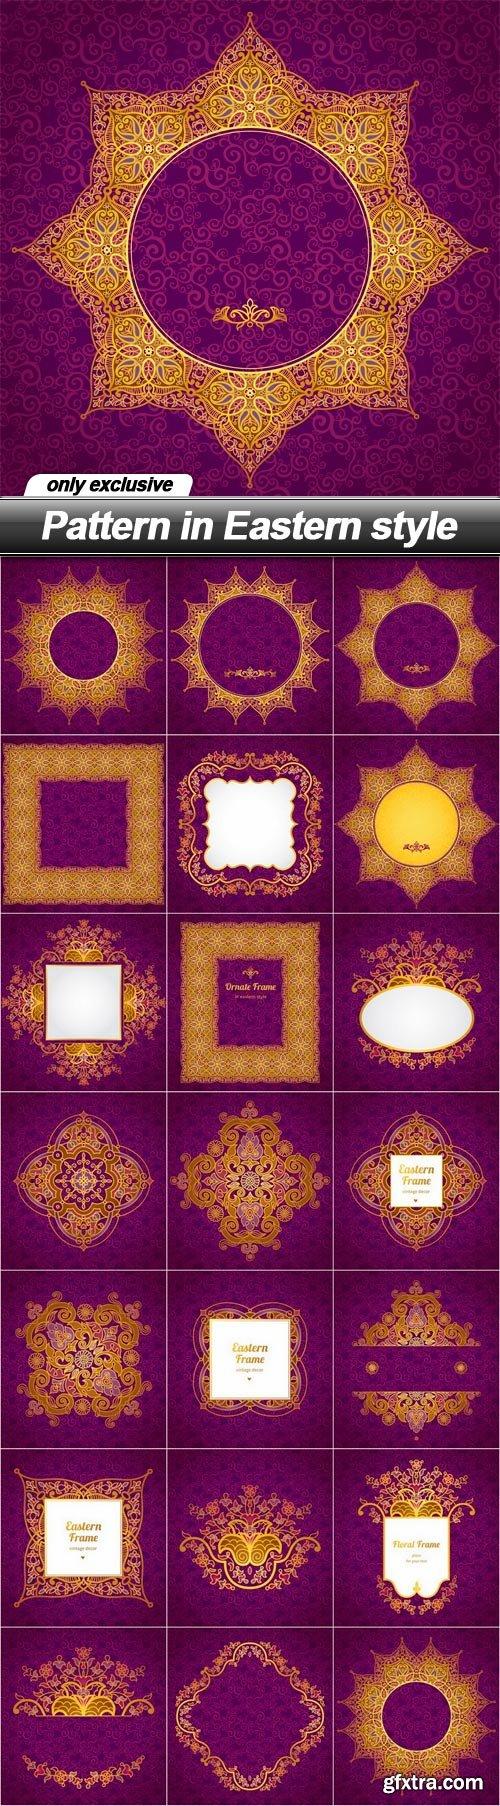 Pattern in Eastern style - 20 EPS